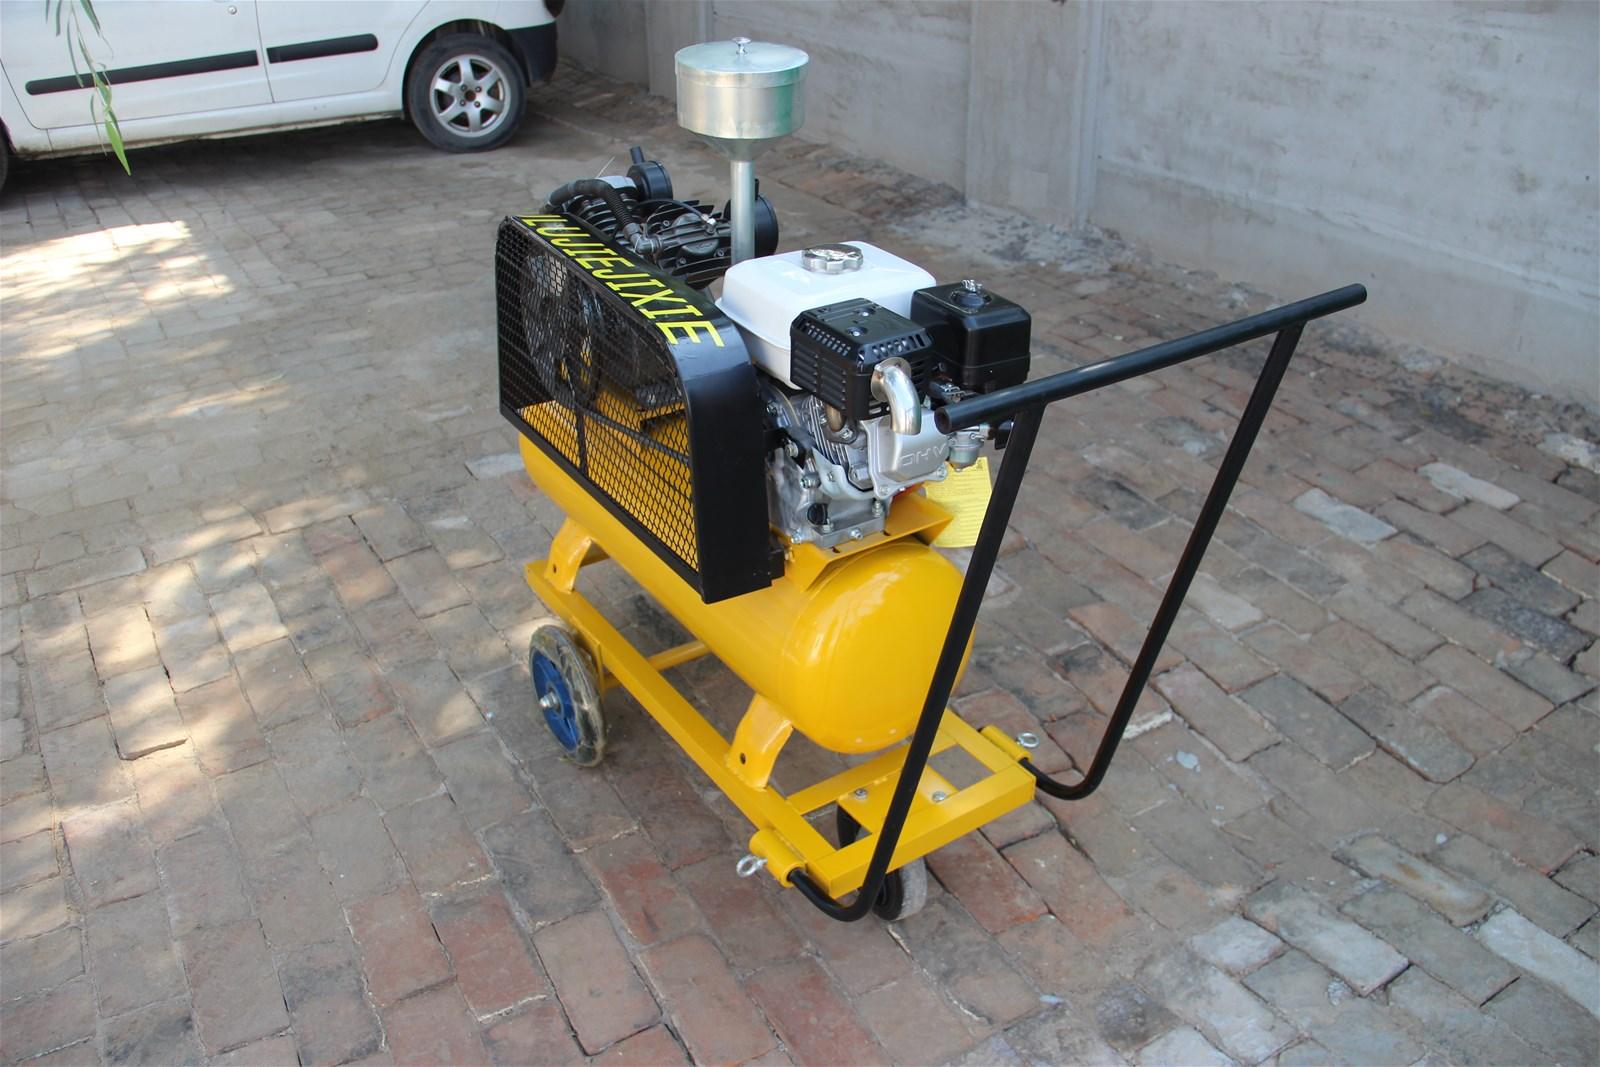 Primer Spraying Machine Use In Road Marking